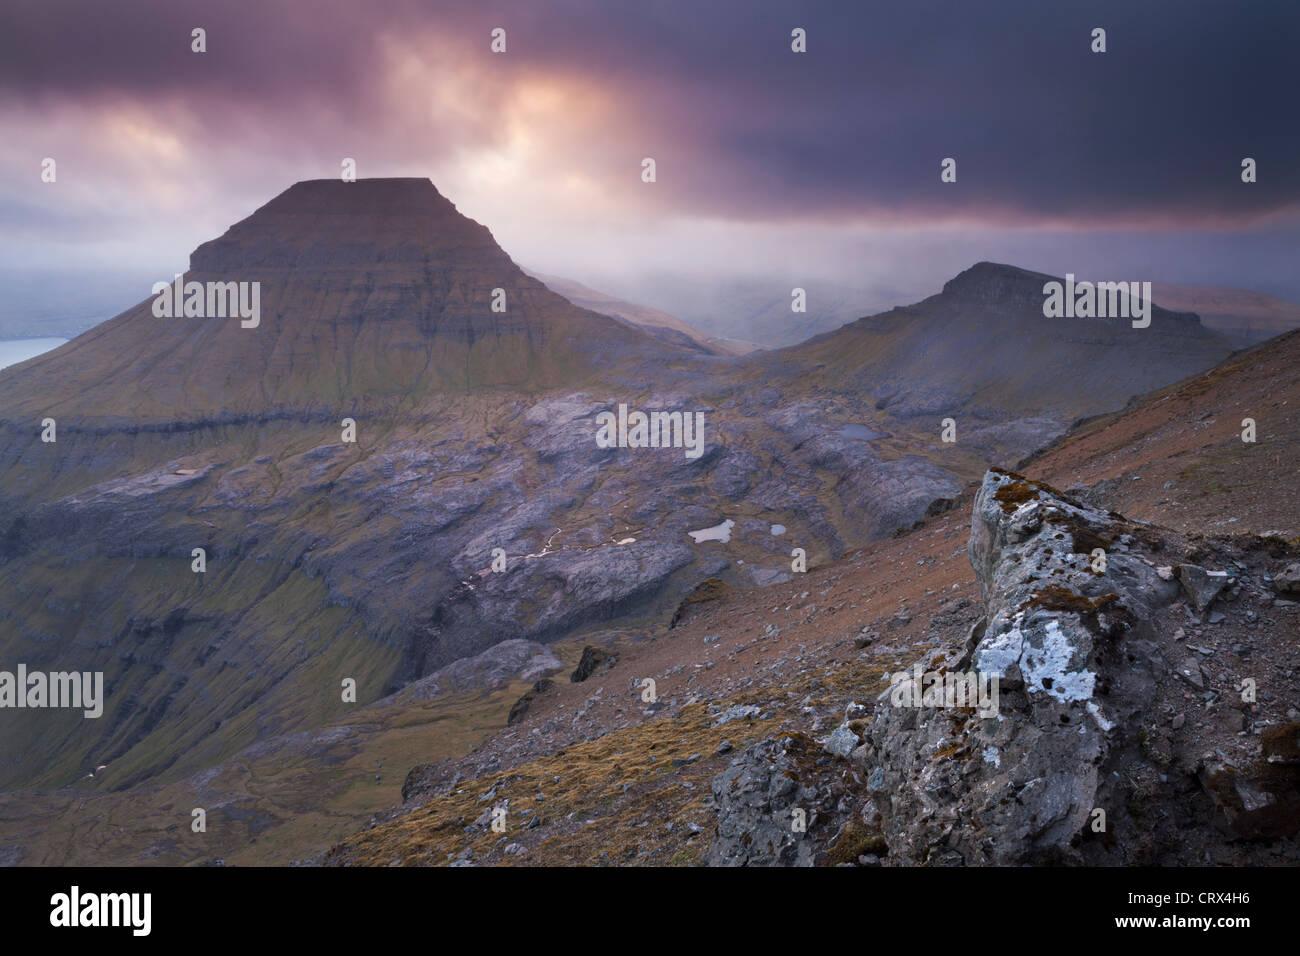 Coucher du soleil sur la montagne Skaelingur atmosphériques sur l'île de Streymoy, Îles Féroé. Photo Stock